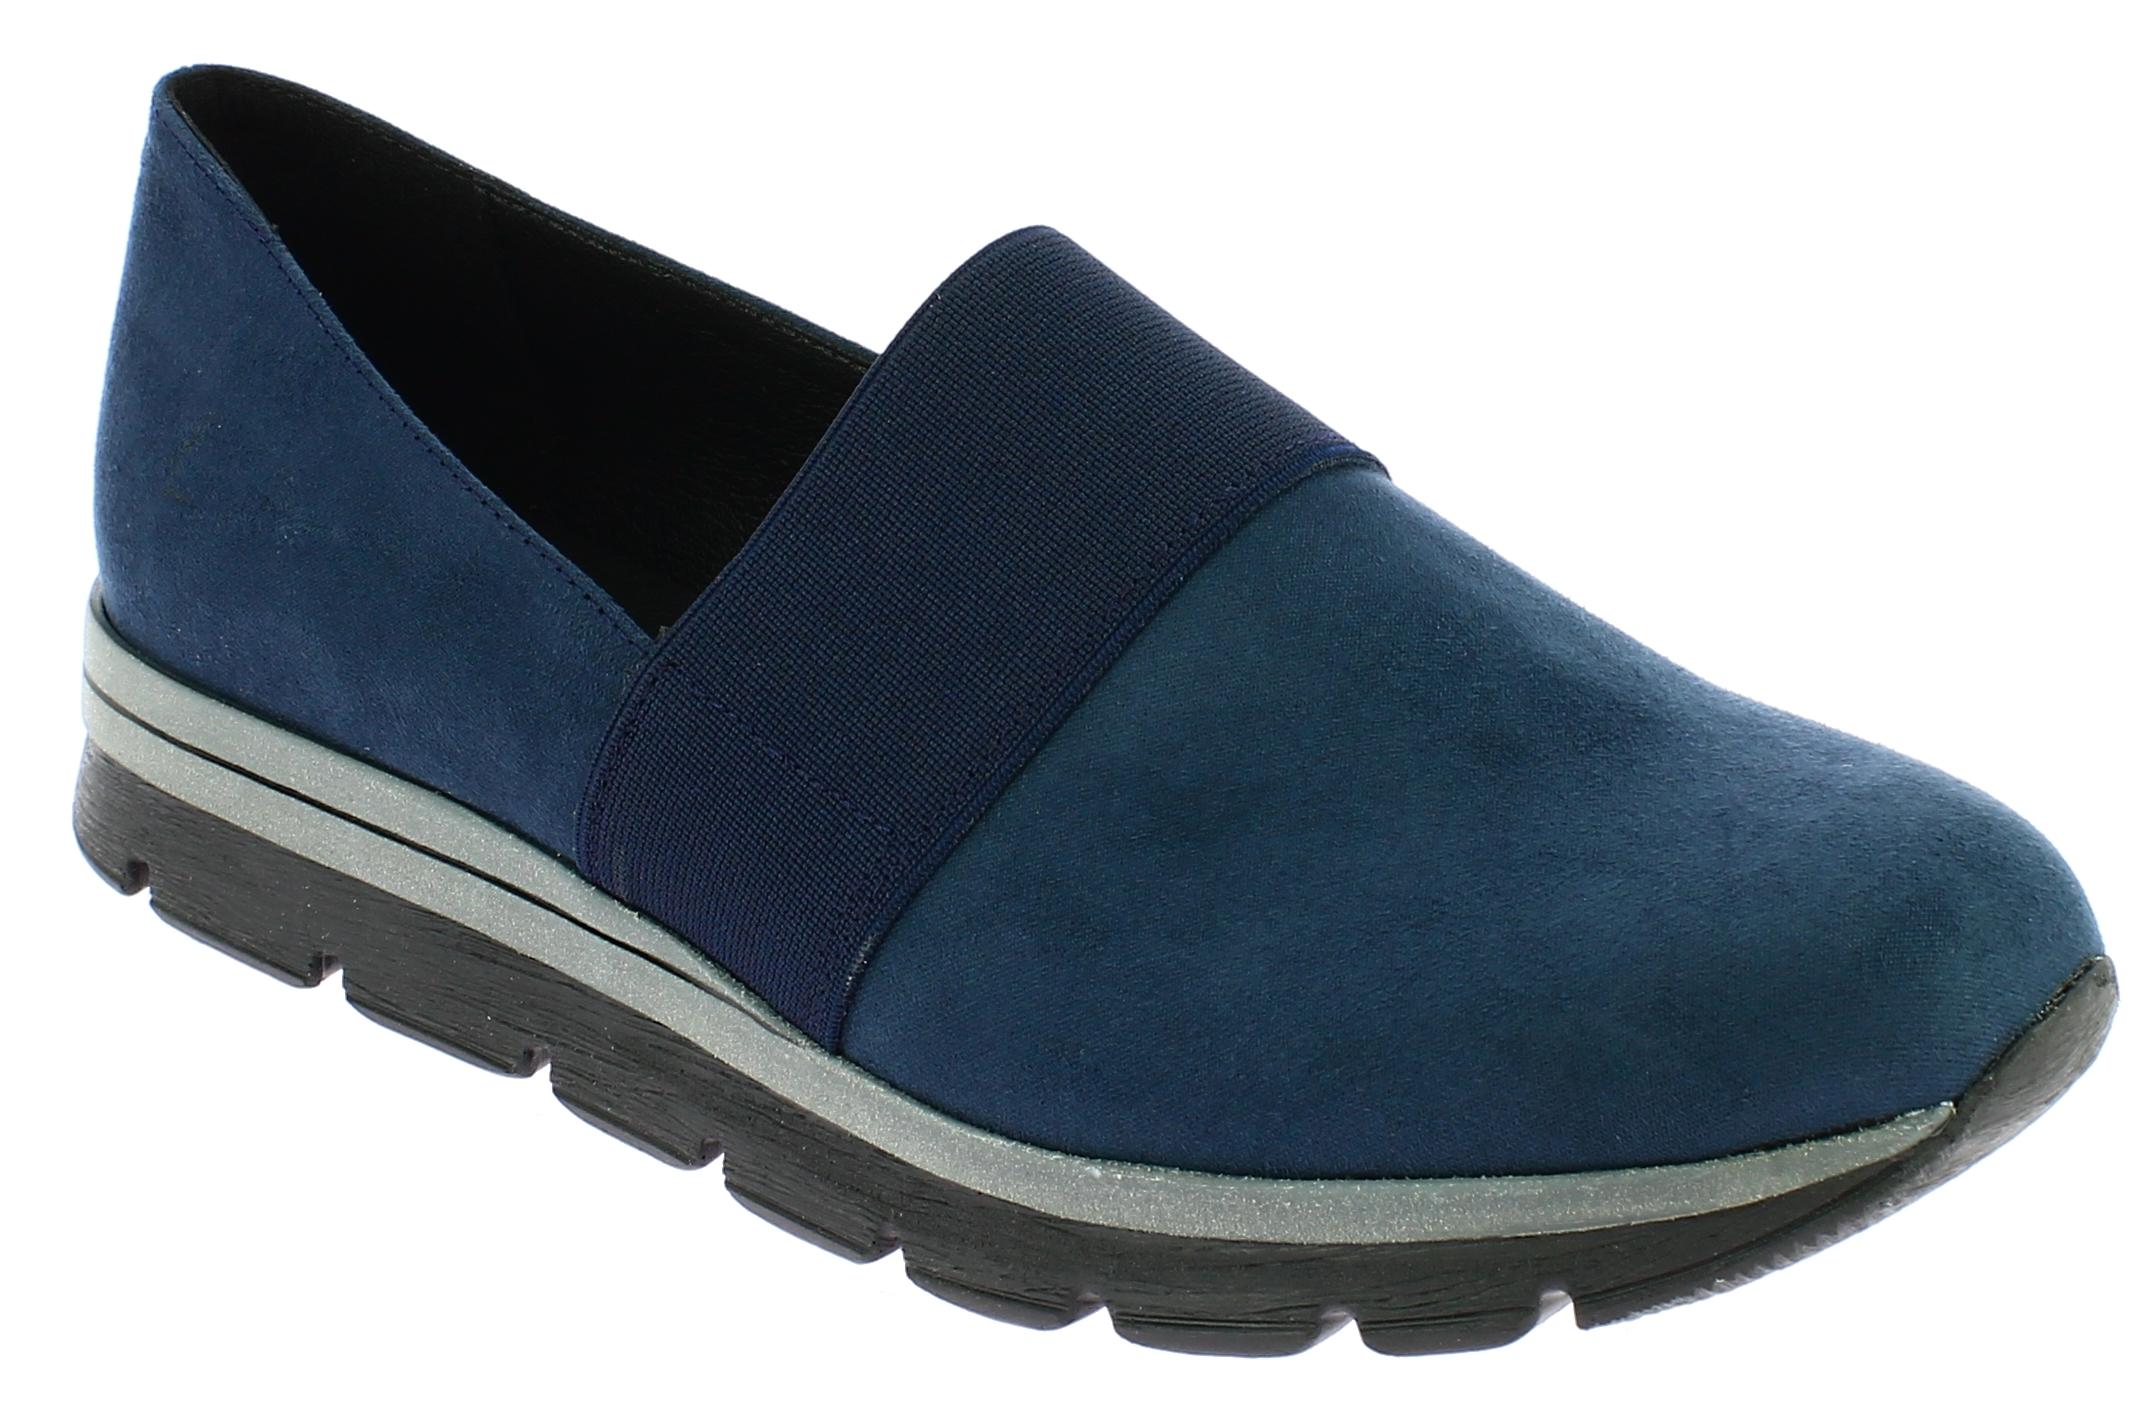 IQSHOES Γυναικείο Casual 77.705 Μπλε - Μπλε - 77.705 BLUE-IQSHOES-blue-36/4/10/81